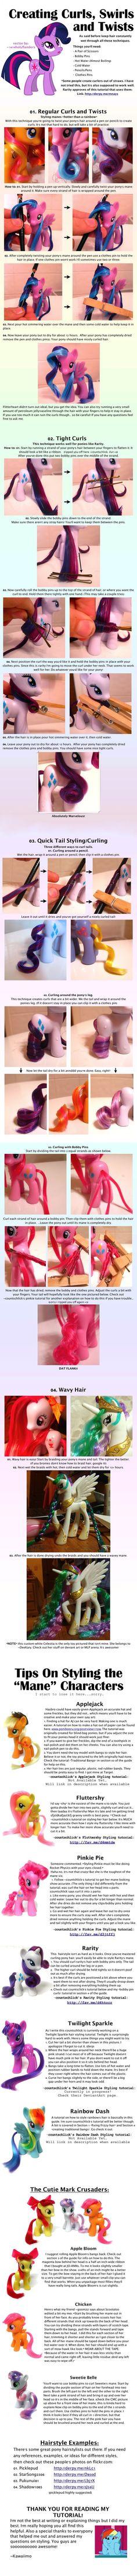 Kawaiimo's Pony Hair Styling Guide 2/2 by ~kawaiimo